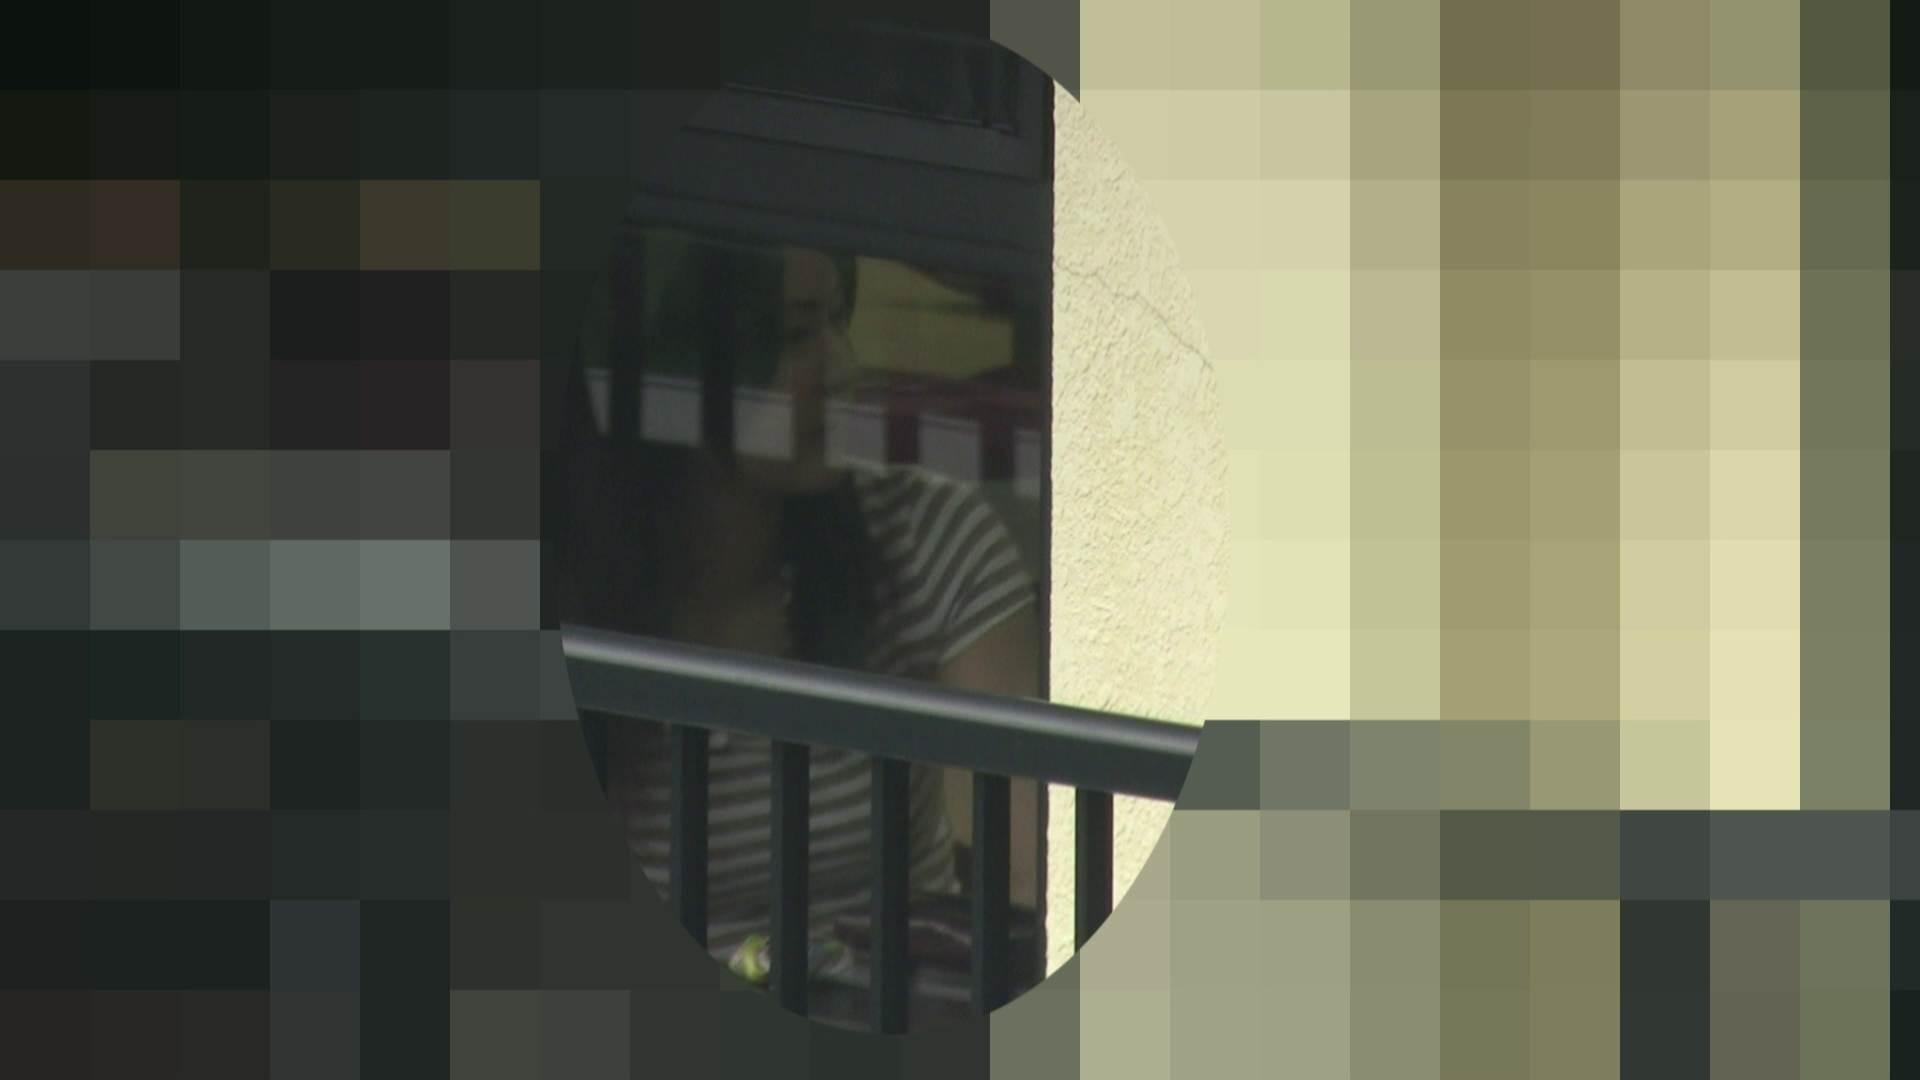 高画質露天女風呂観察 vol.032 女風呂 おめこ無修正動画無料 54画像 47